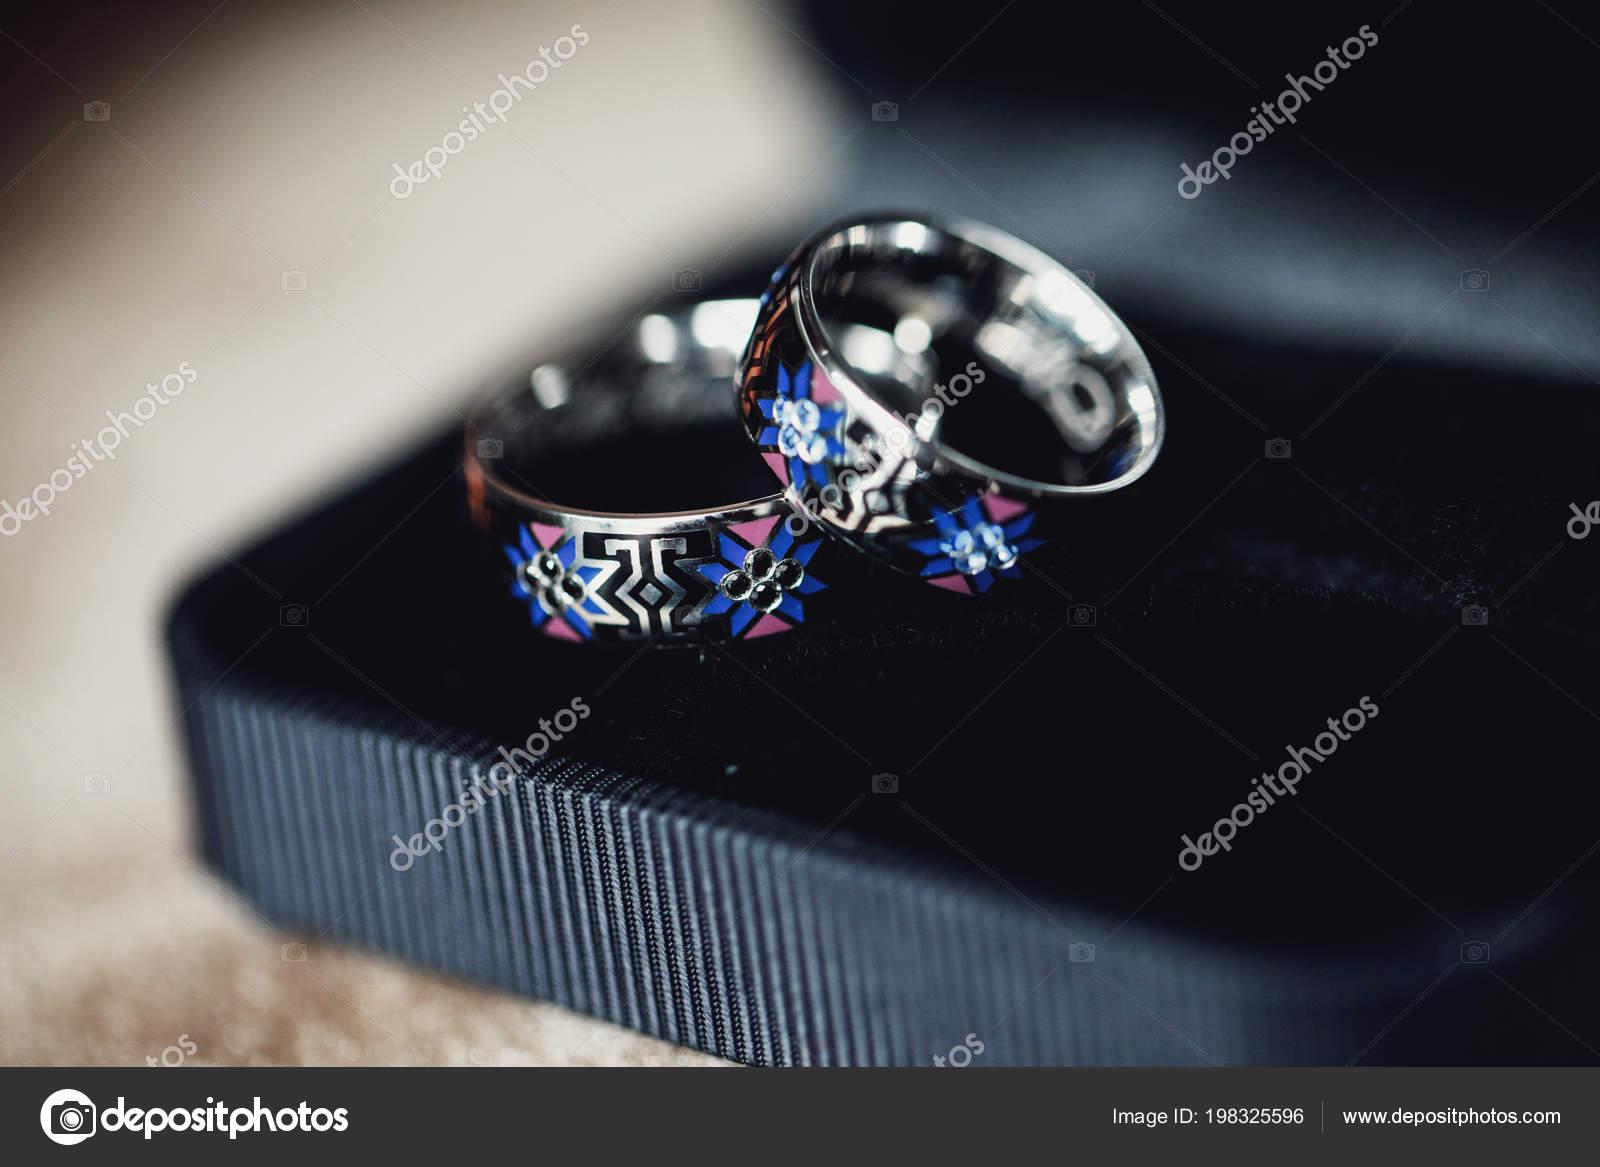 Stylish Wedding Rings Background Stock Photo Image By C Vaksmanv101 198325596